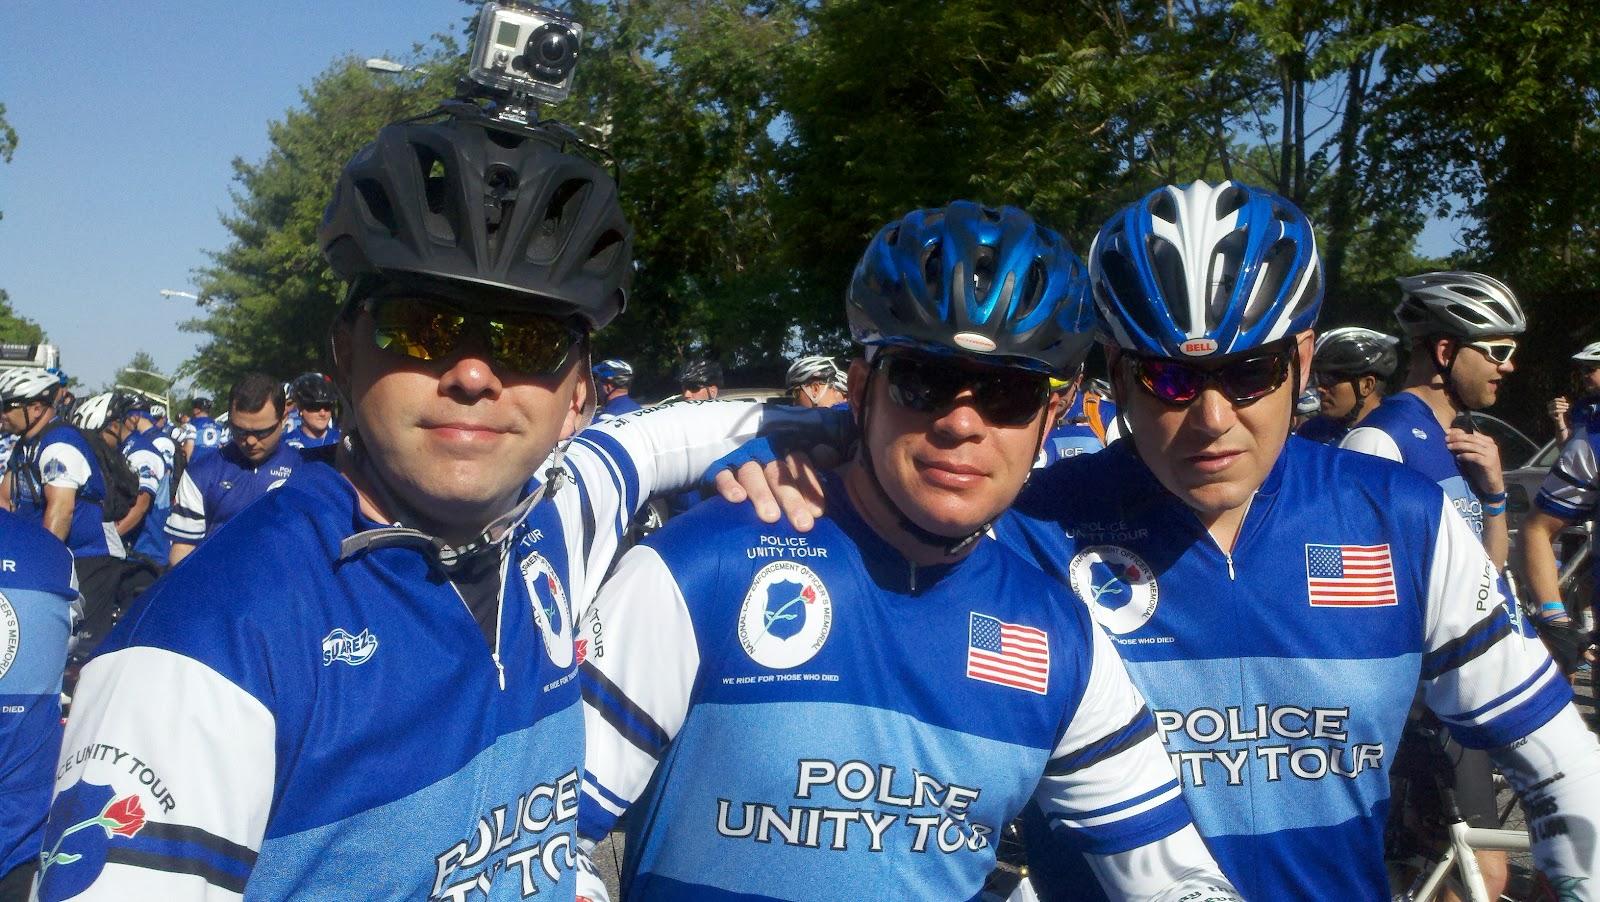 Police Unity Tour Miles